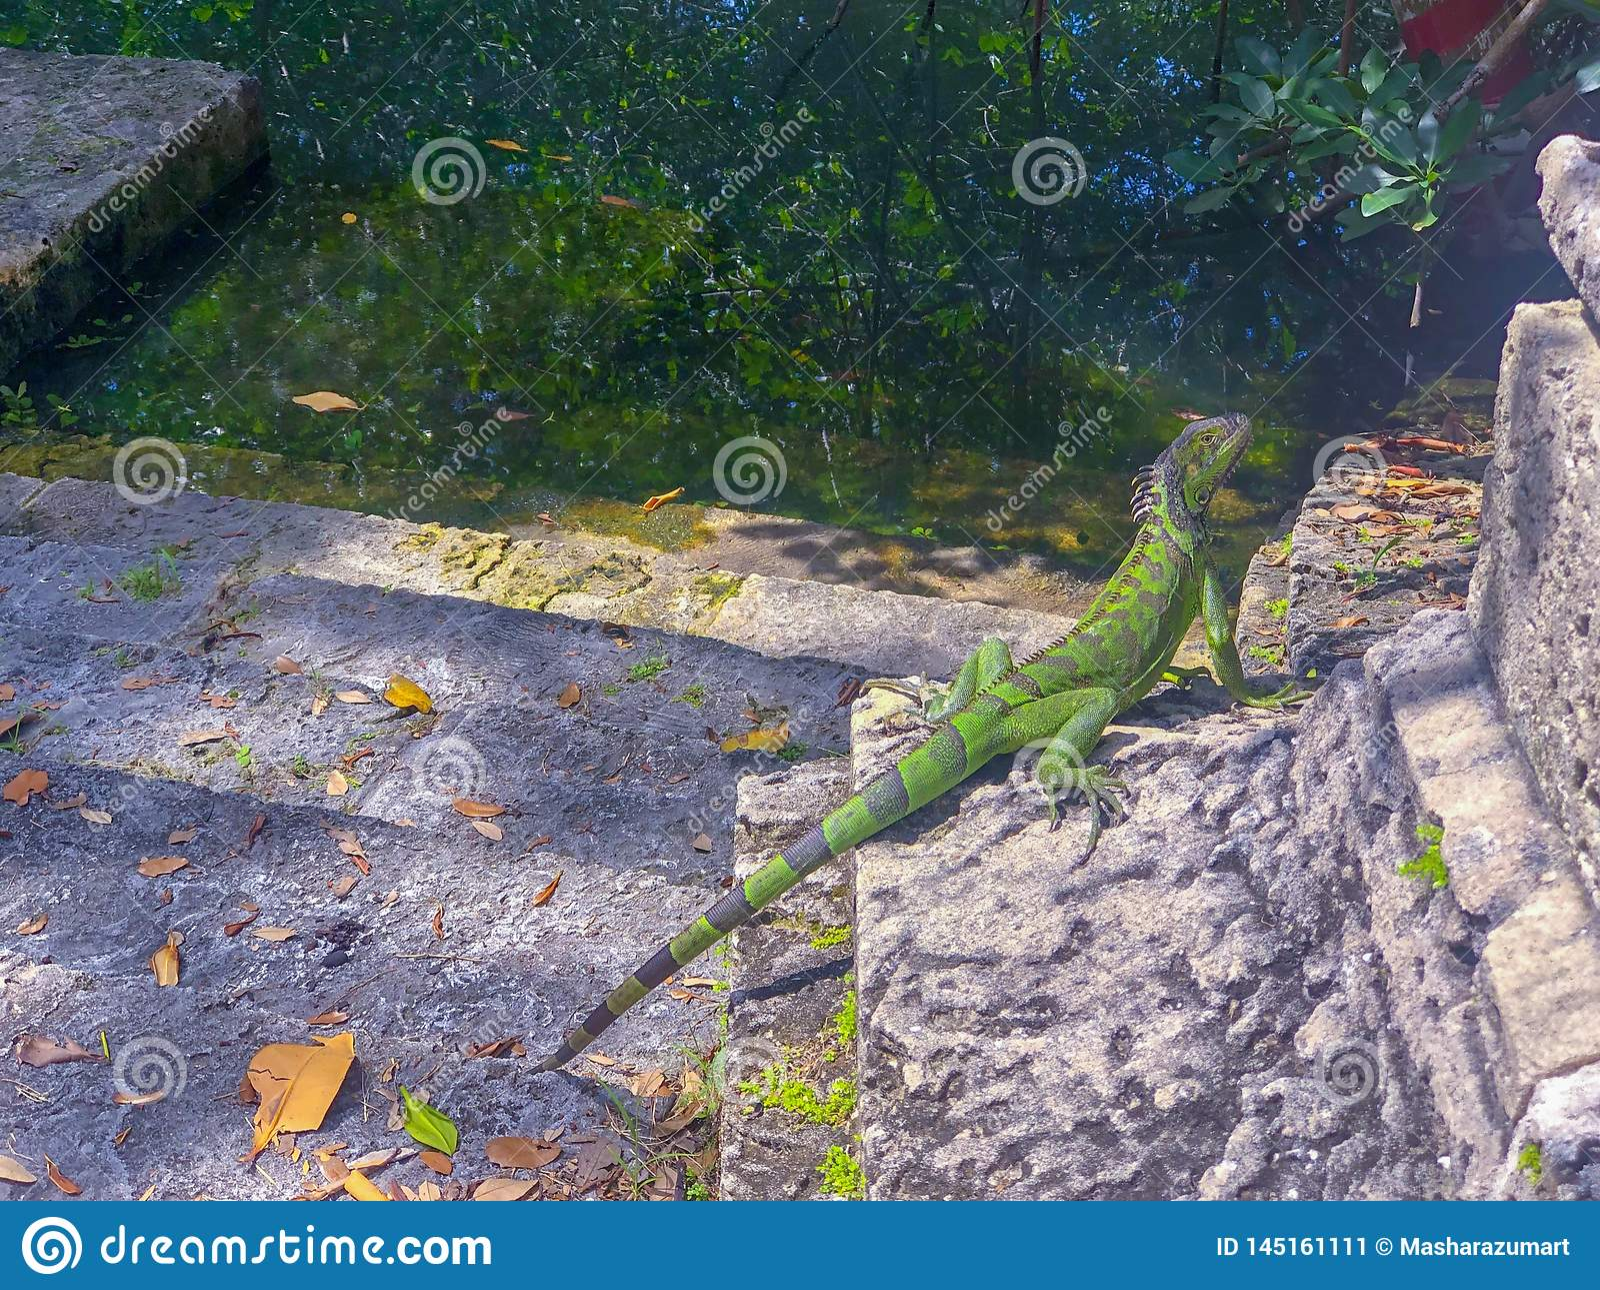 Green reptile basking in the sun